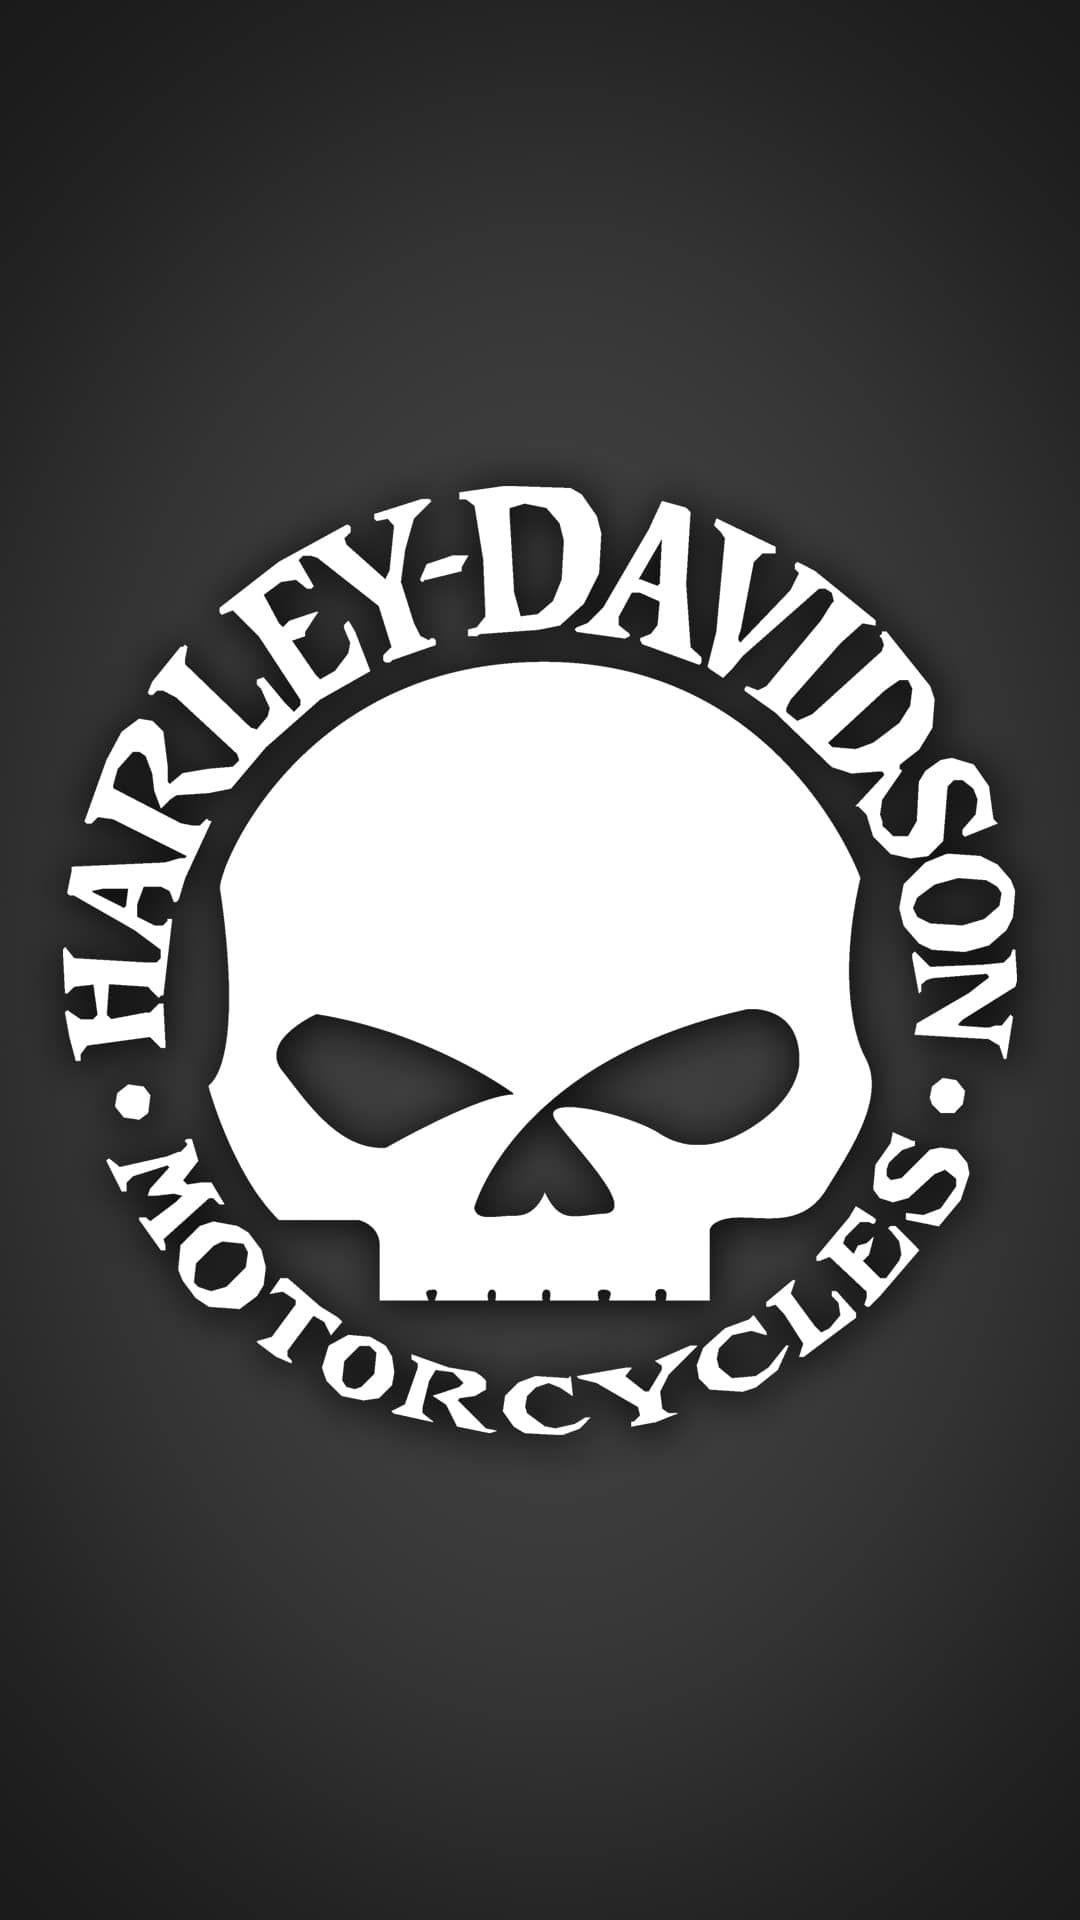 Harley Davidson Willie G Wallpaper (53+ images).